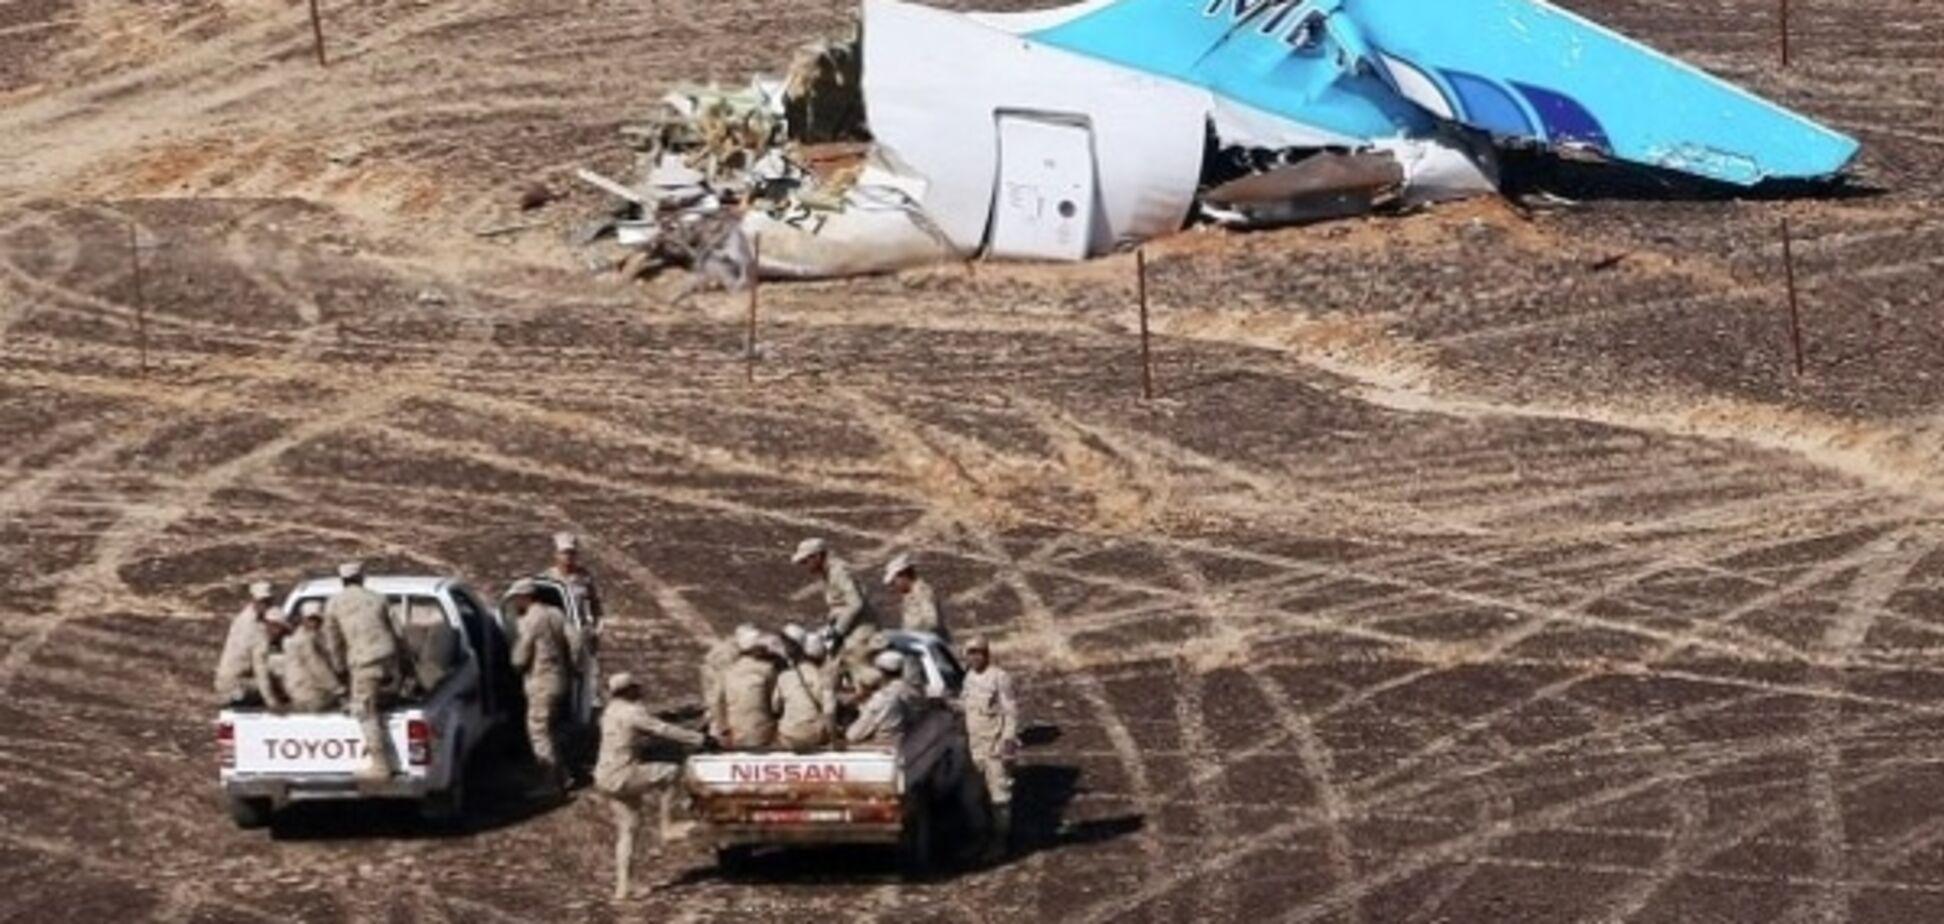 На месте гибели А321 в Египте обнаружили паспорта украинцев